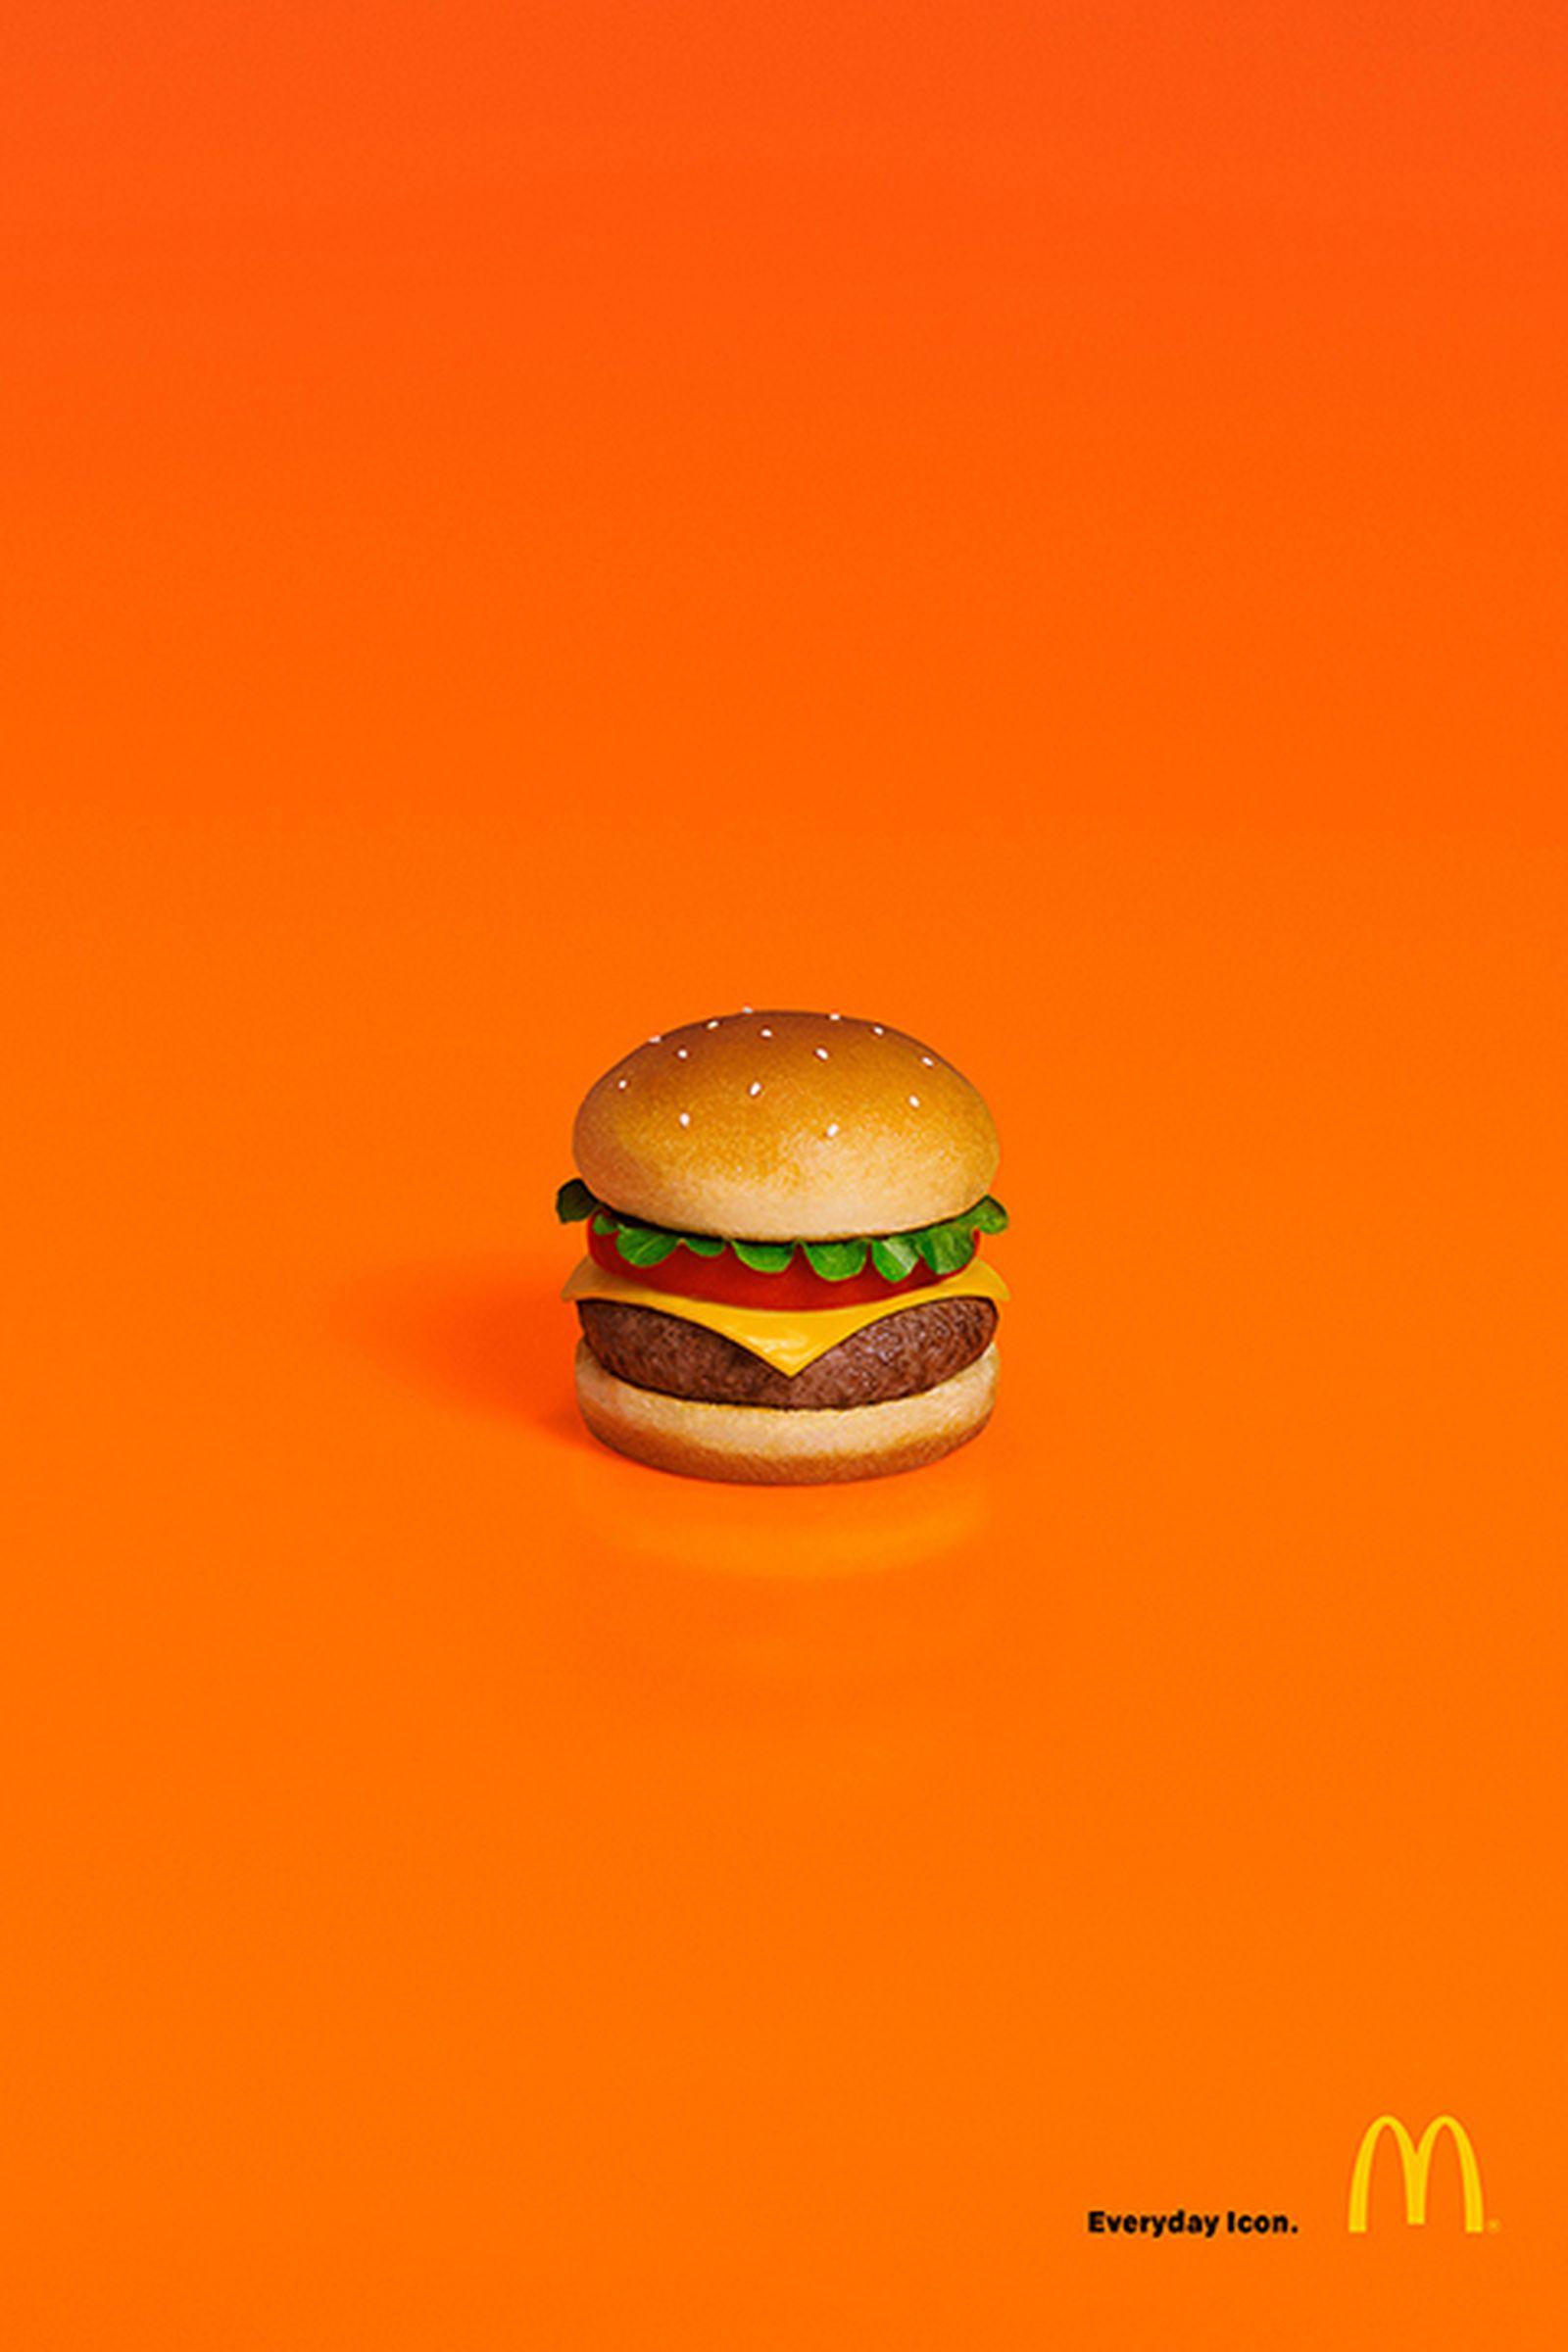 mcdonalds emoji ad campaign mcdonald's